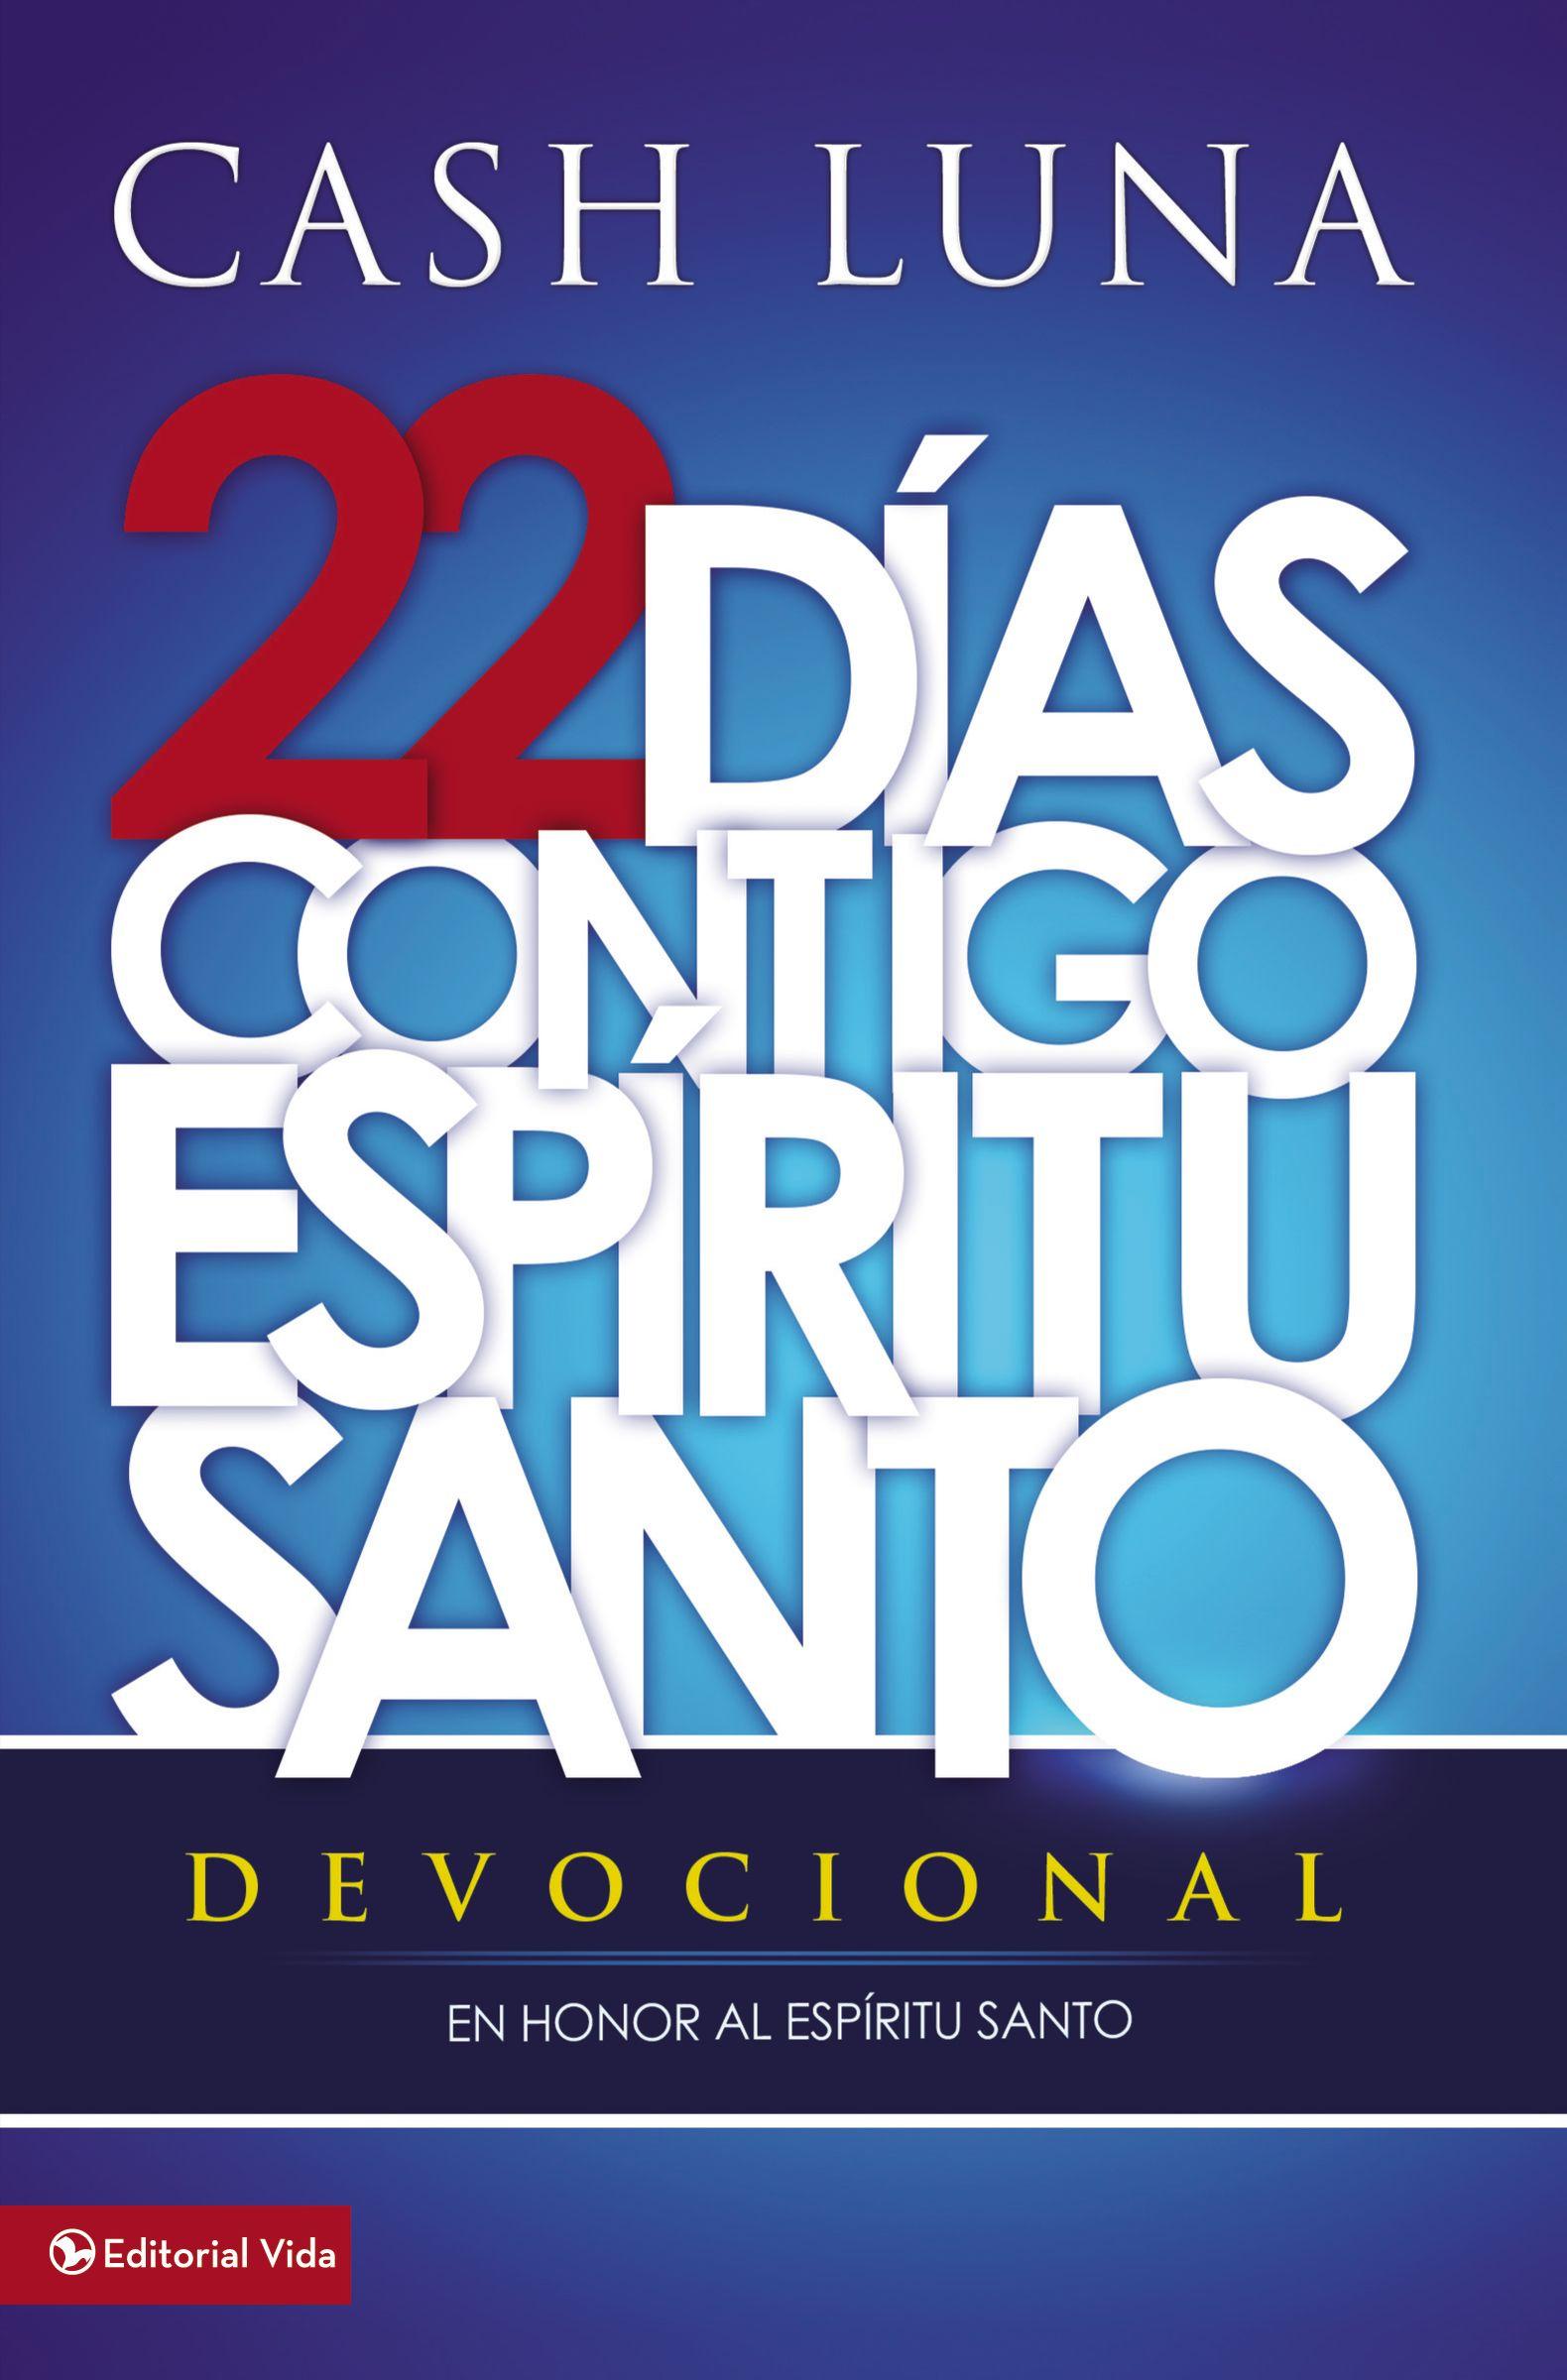 22 días contigo, Espíritu Santo